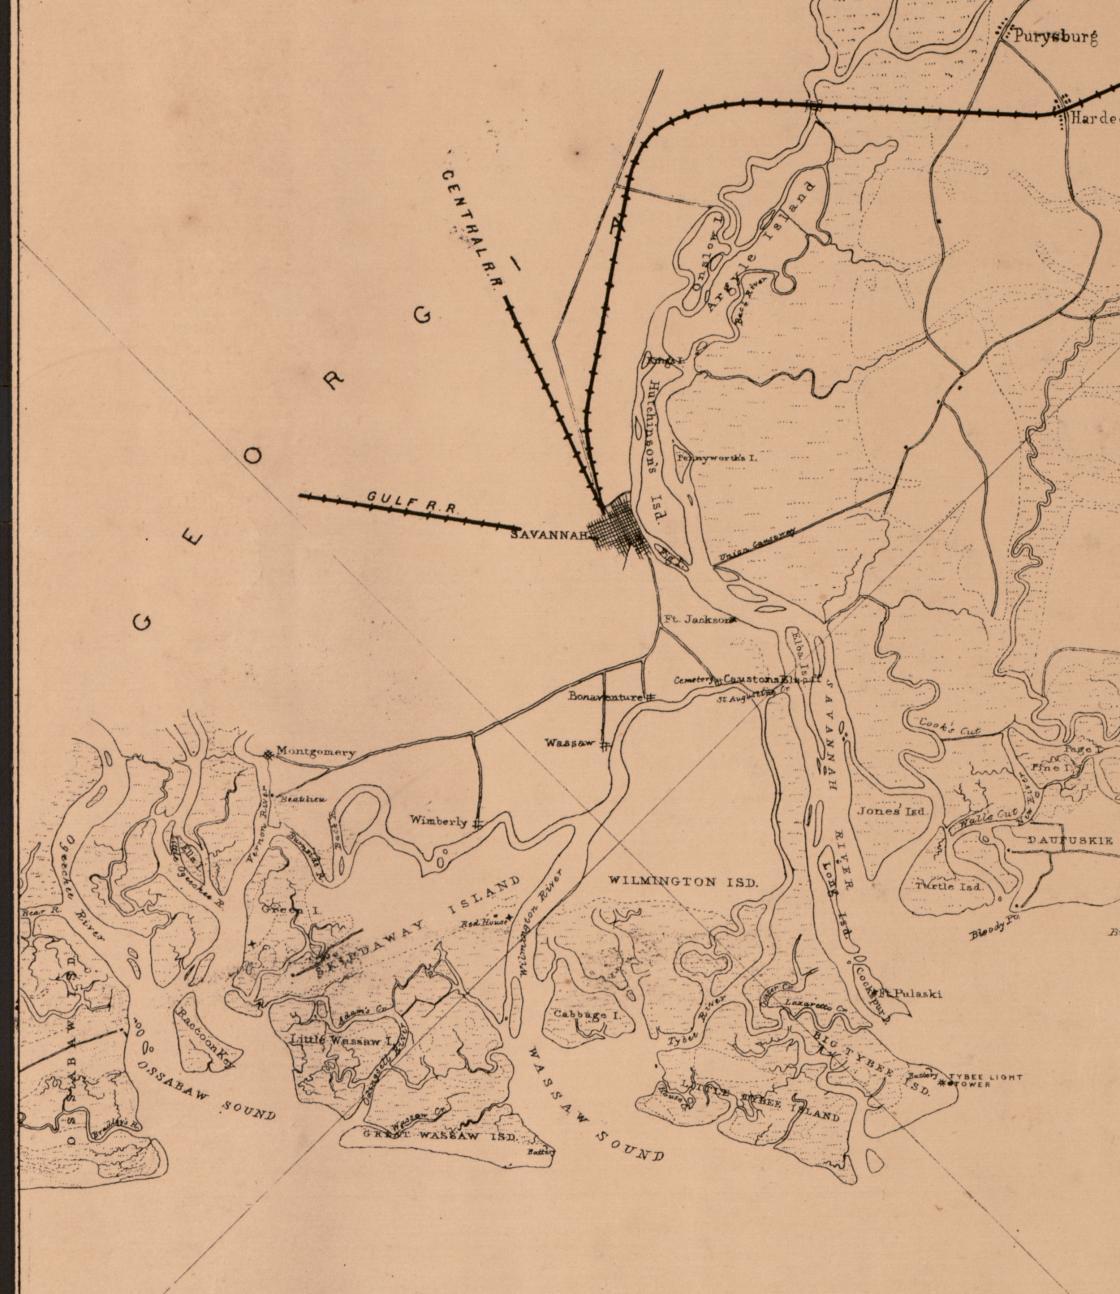 Sketch of portions of seacoast of South Carolina & Georgia